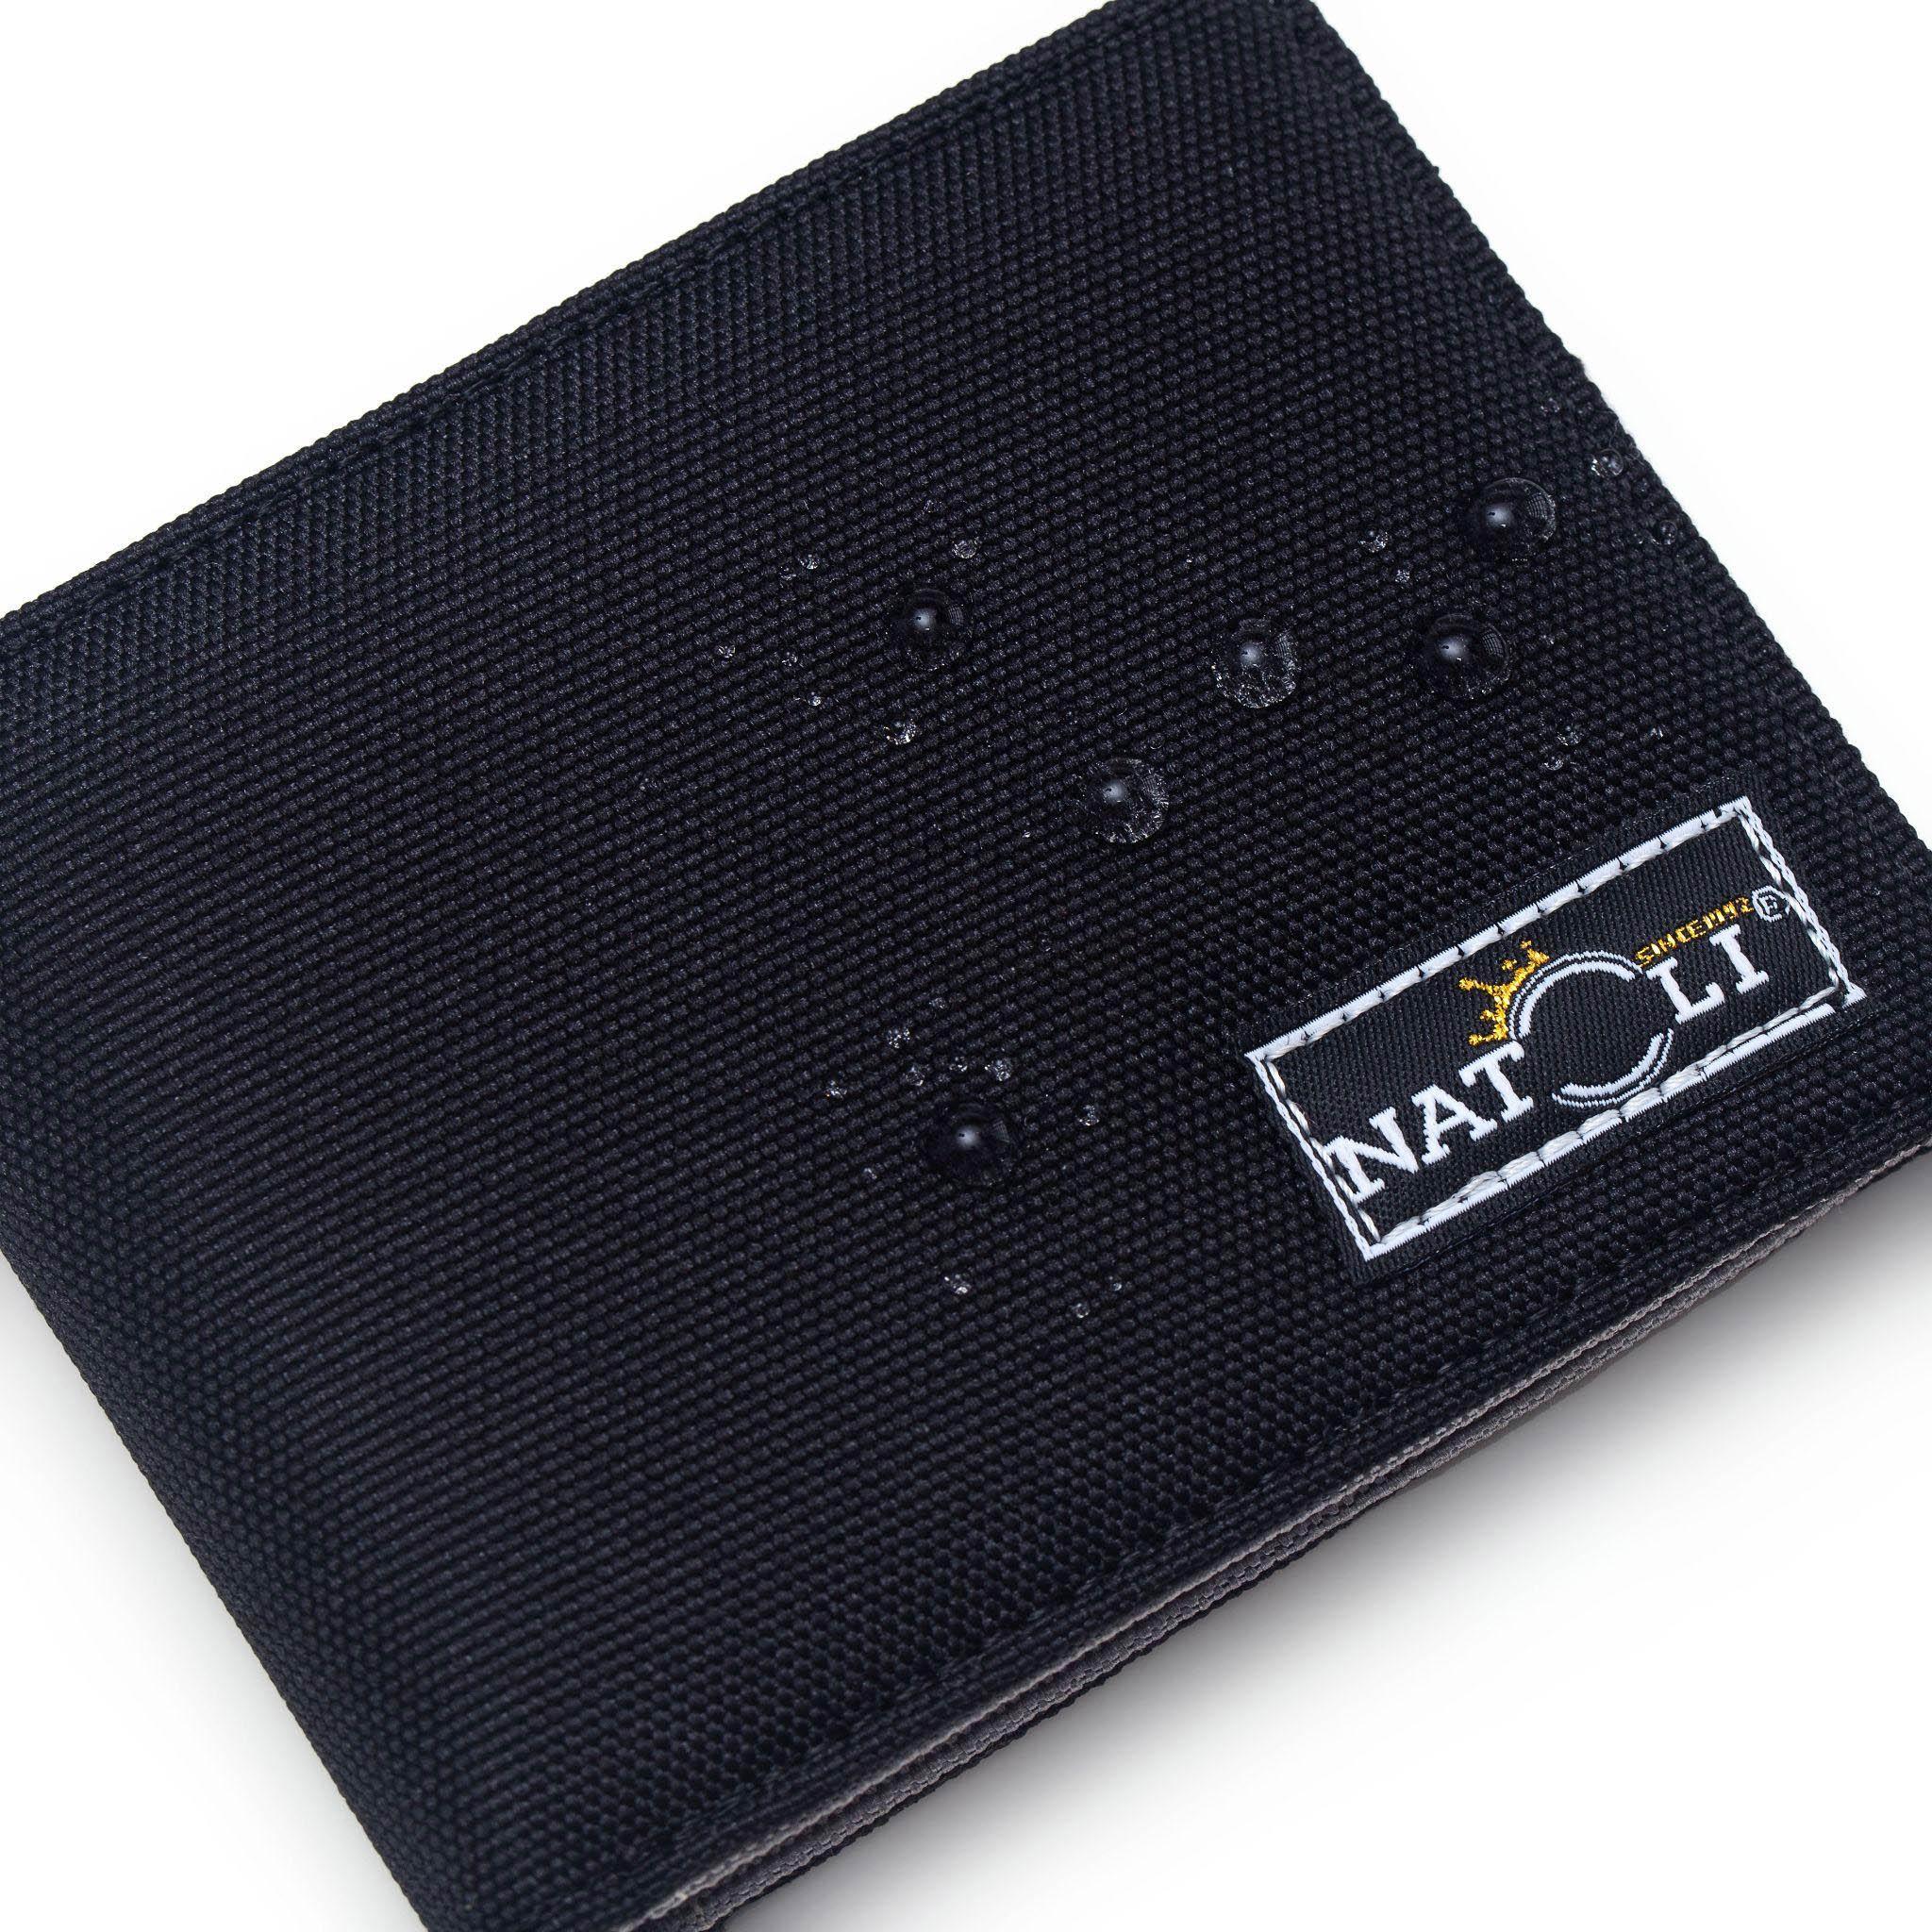 Logo trên ví được thêu tỉ mỉ rõ nét